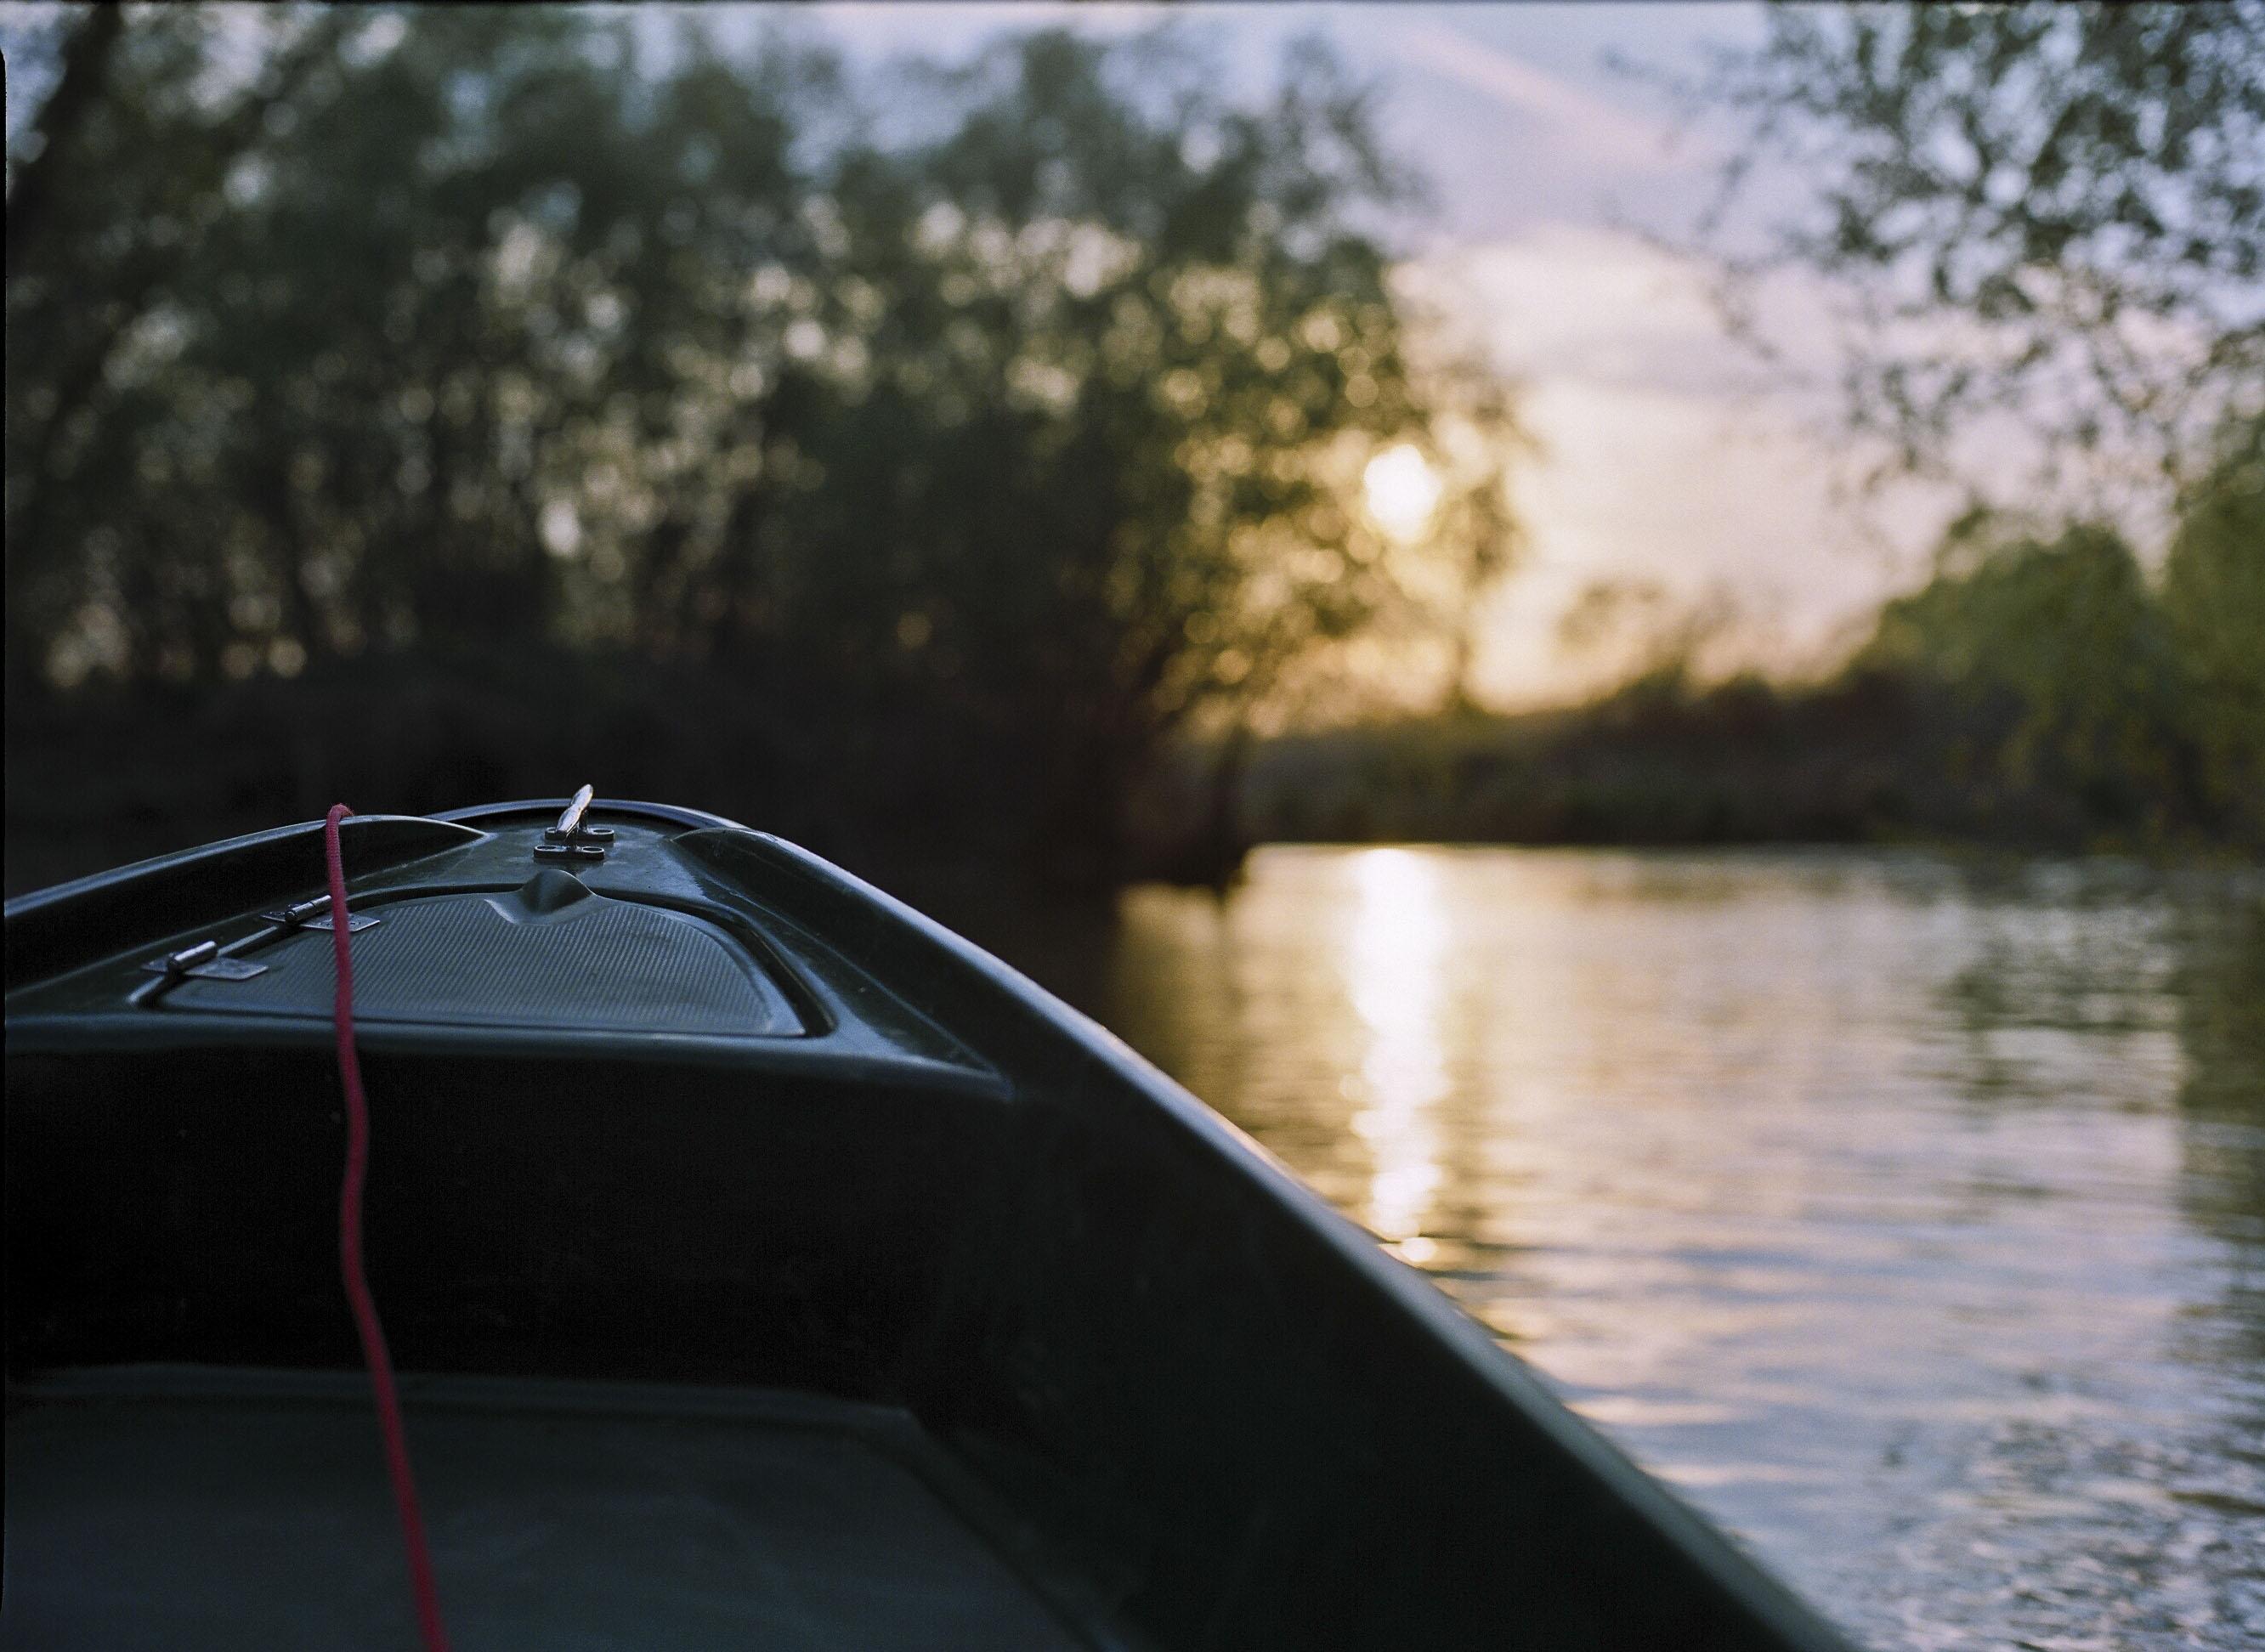 PLASTIC BOAT Danube Delta, Romania